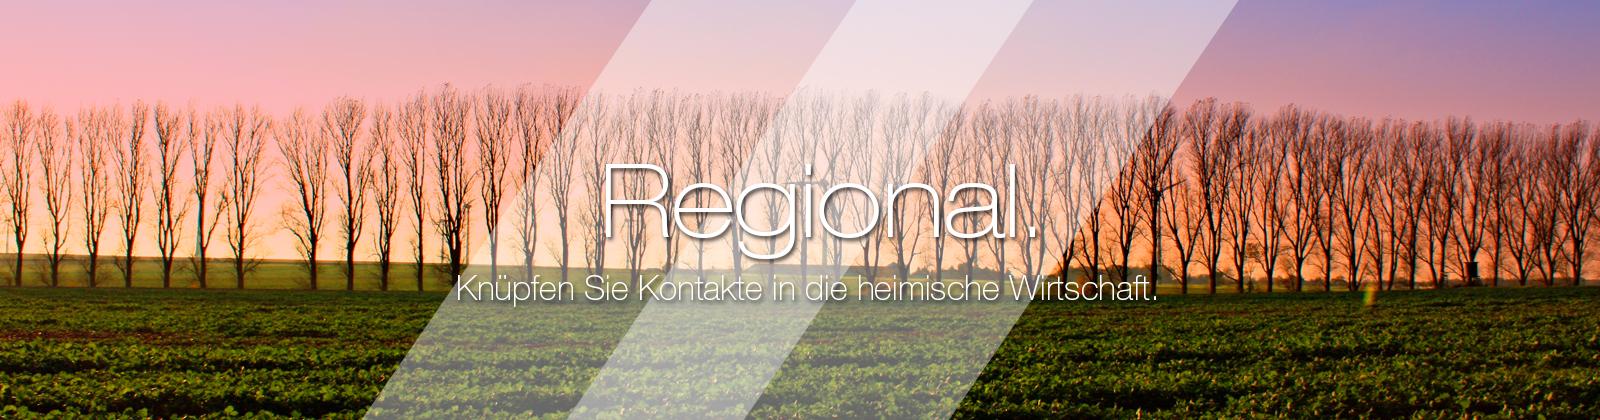 Regional. Knüpfen Sie Kontakte in die heimische Wirtschaft.